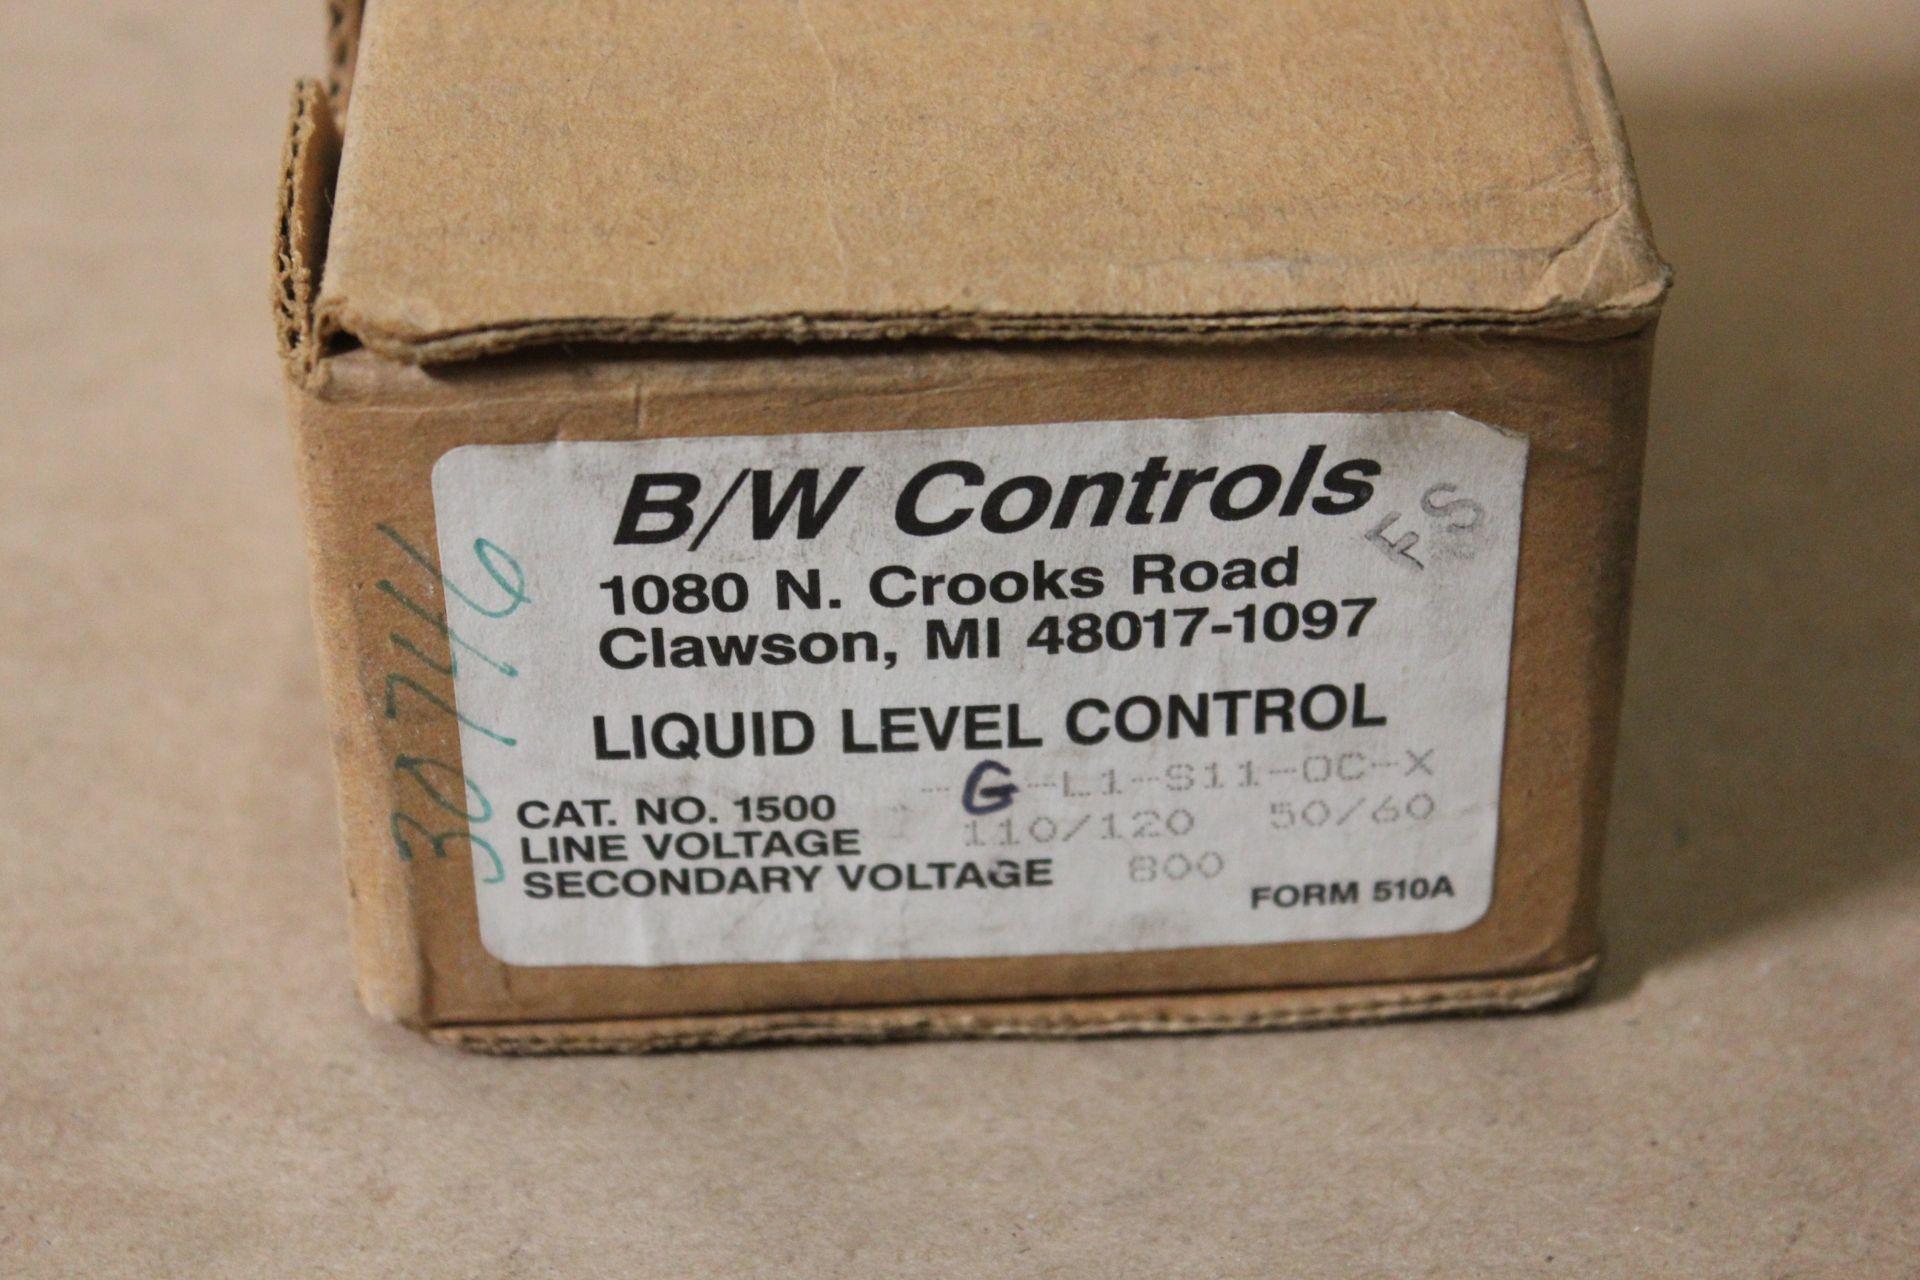 NEW B/W CONTROLS LIQUID LEVEL CONTROL - Image 2 of 3